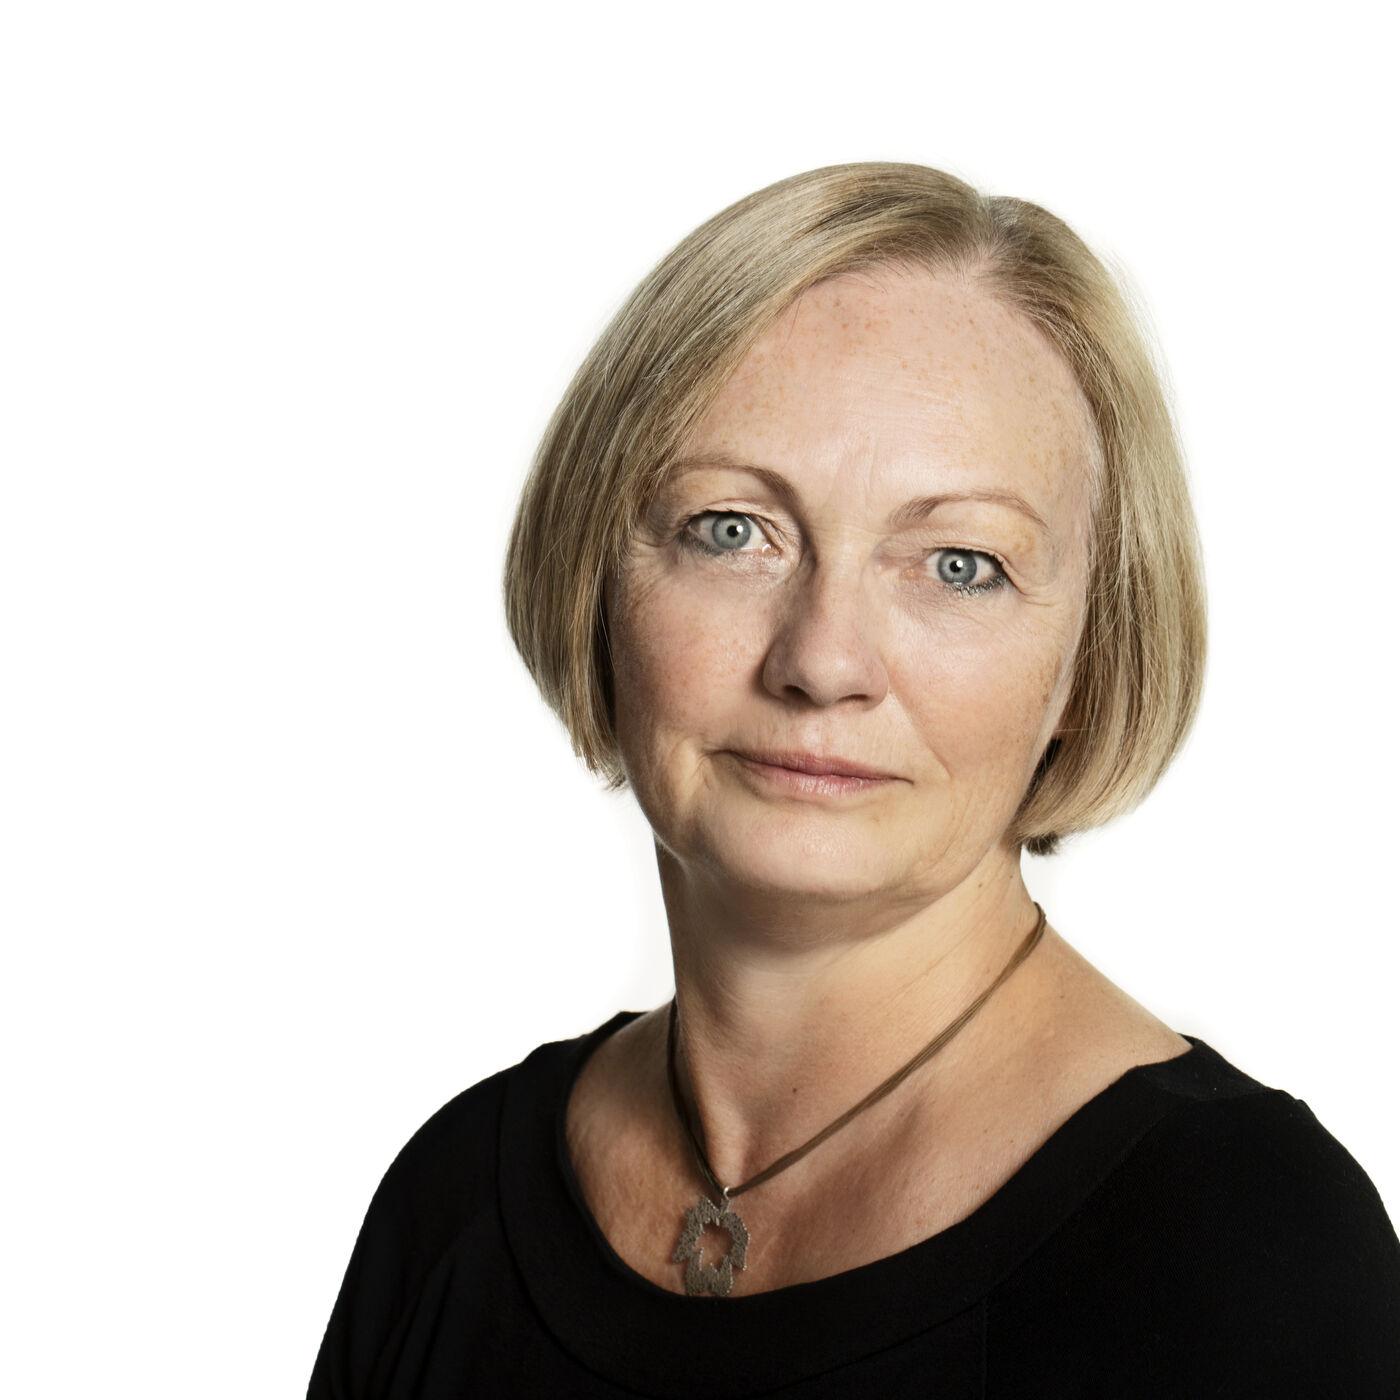 Er der en omsorgs-krise i Danmark? - Samtale med Lise Lotte Hansen